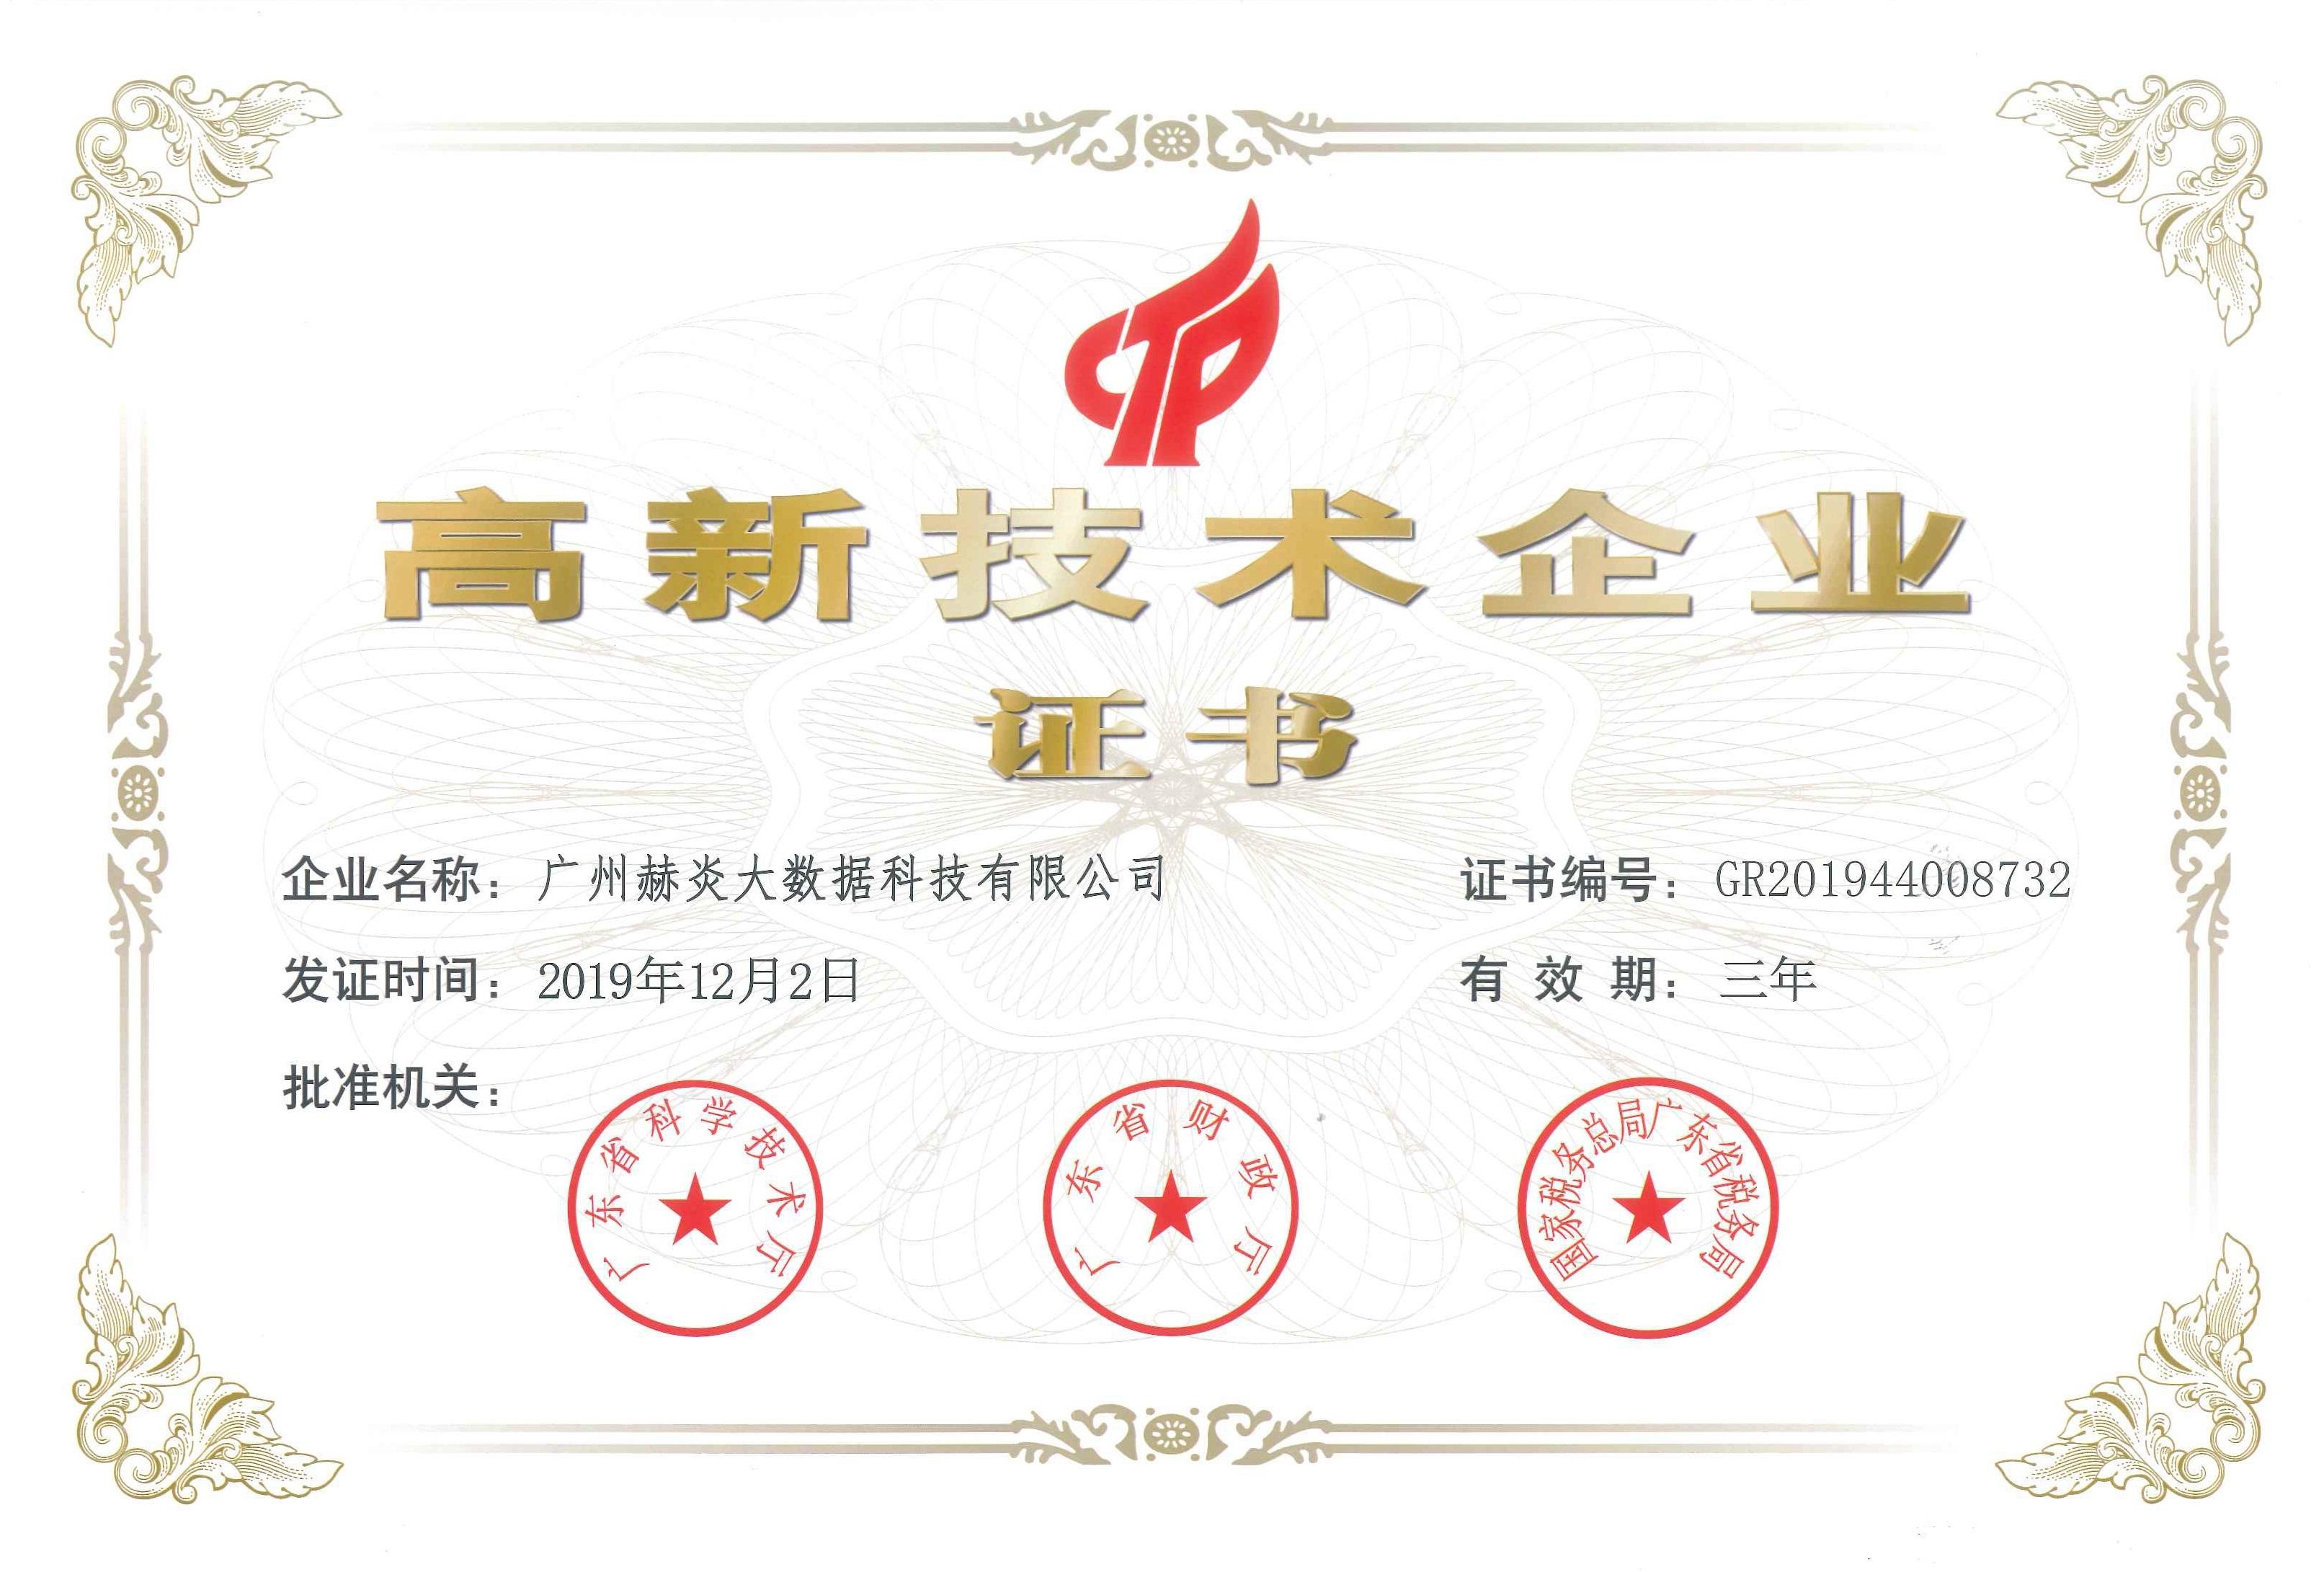 2019年-证书-高新技术企业-赫炎.jpg